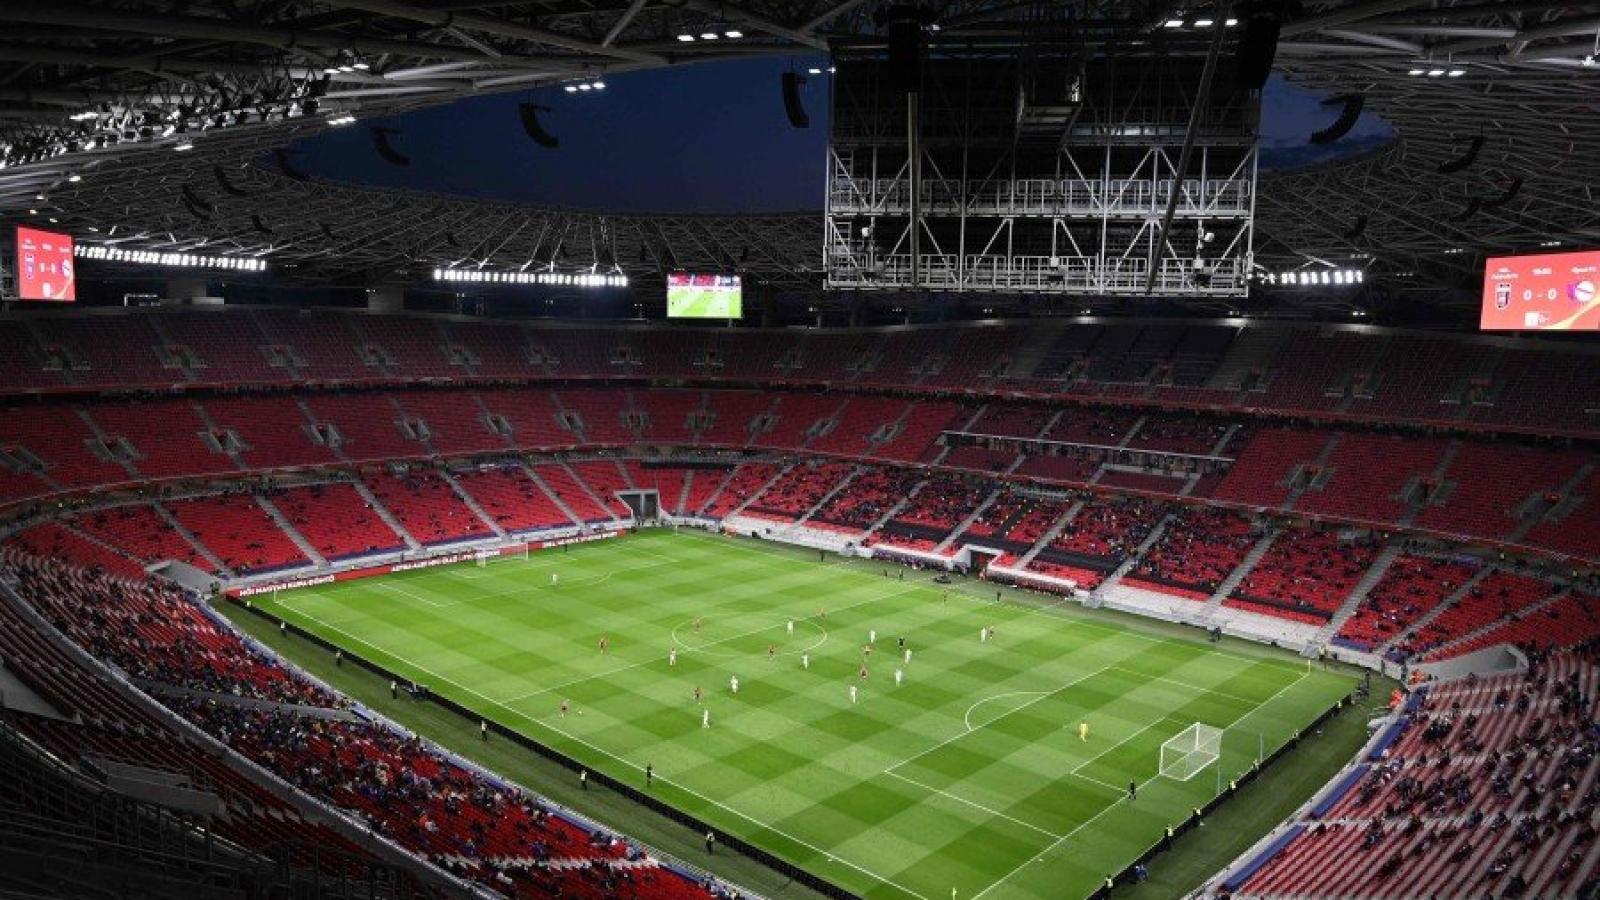 Hungary vs Bồ Đào Nha: Ronaldo sẽ thi đấu trận đặc biệt nhất EURO 2021